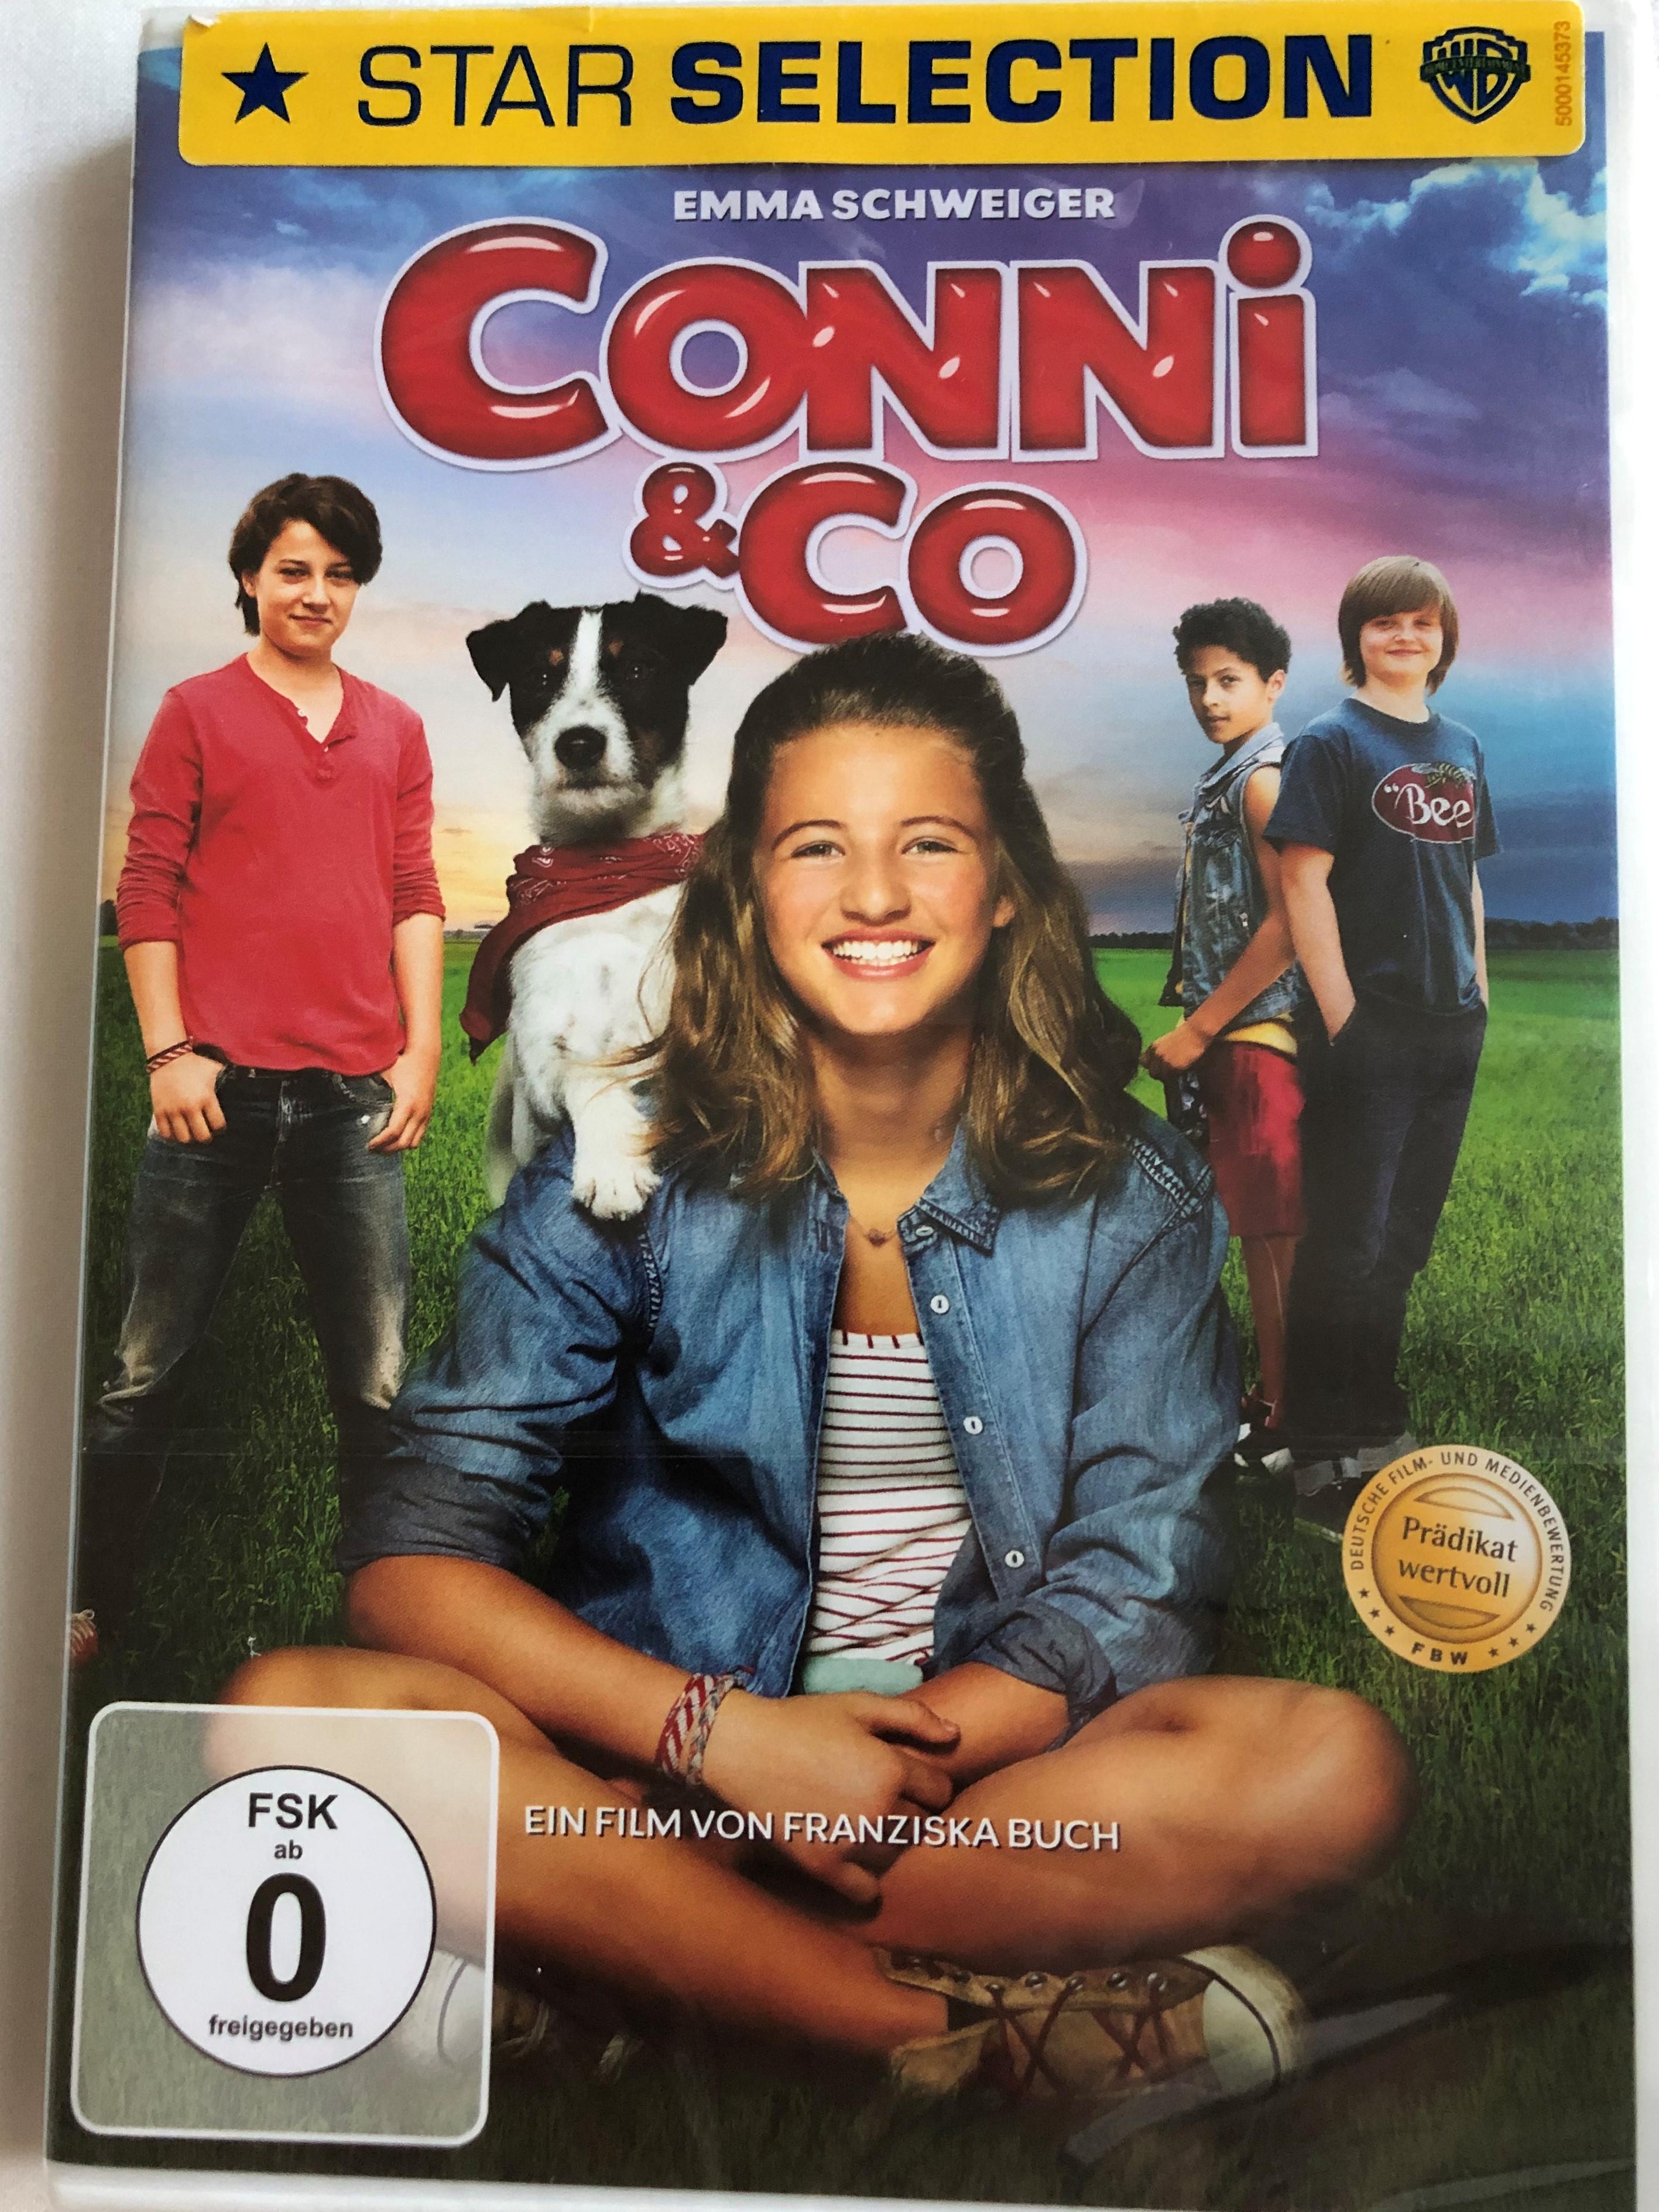 conni-co-dvd-2016-directed-by-franziska-buch-starring-emma-schweiger-oskar-keymer-iris-berben-1-.jpg